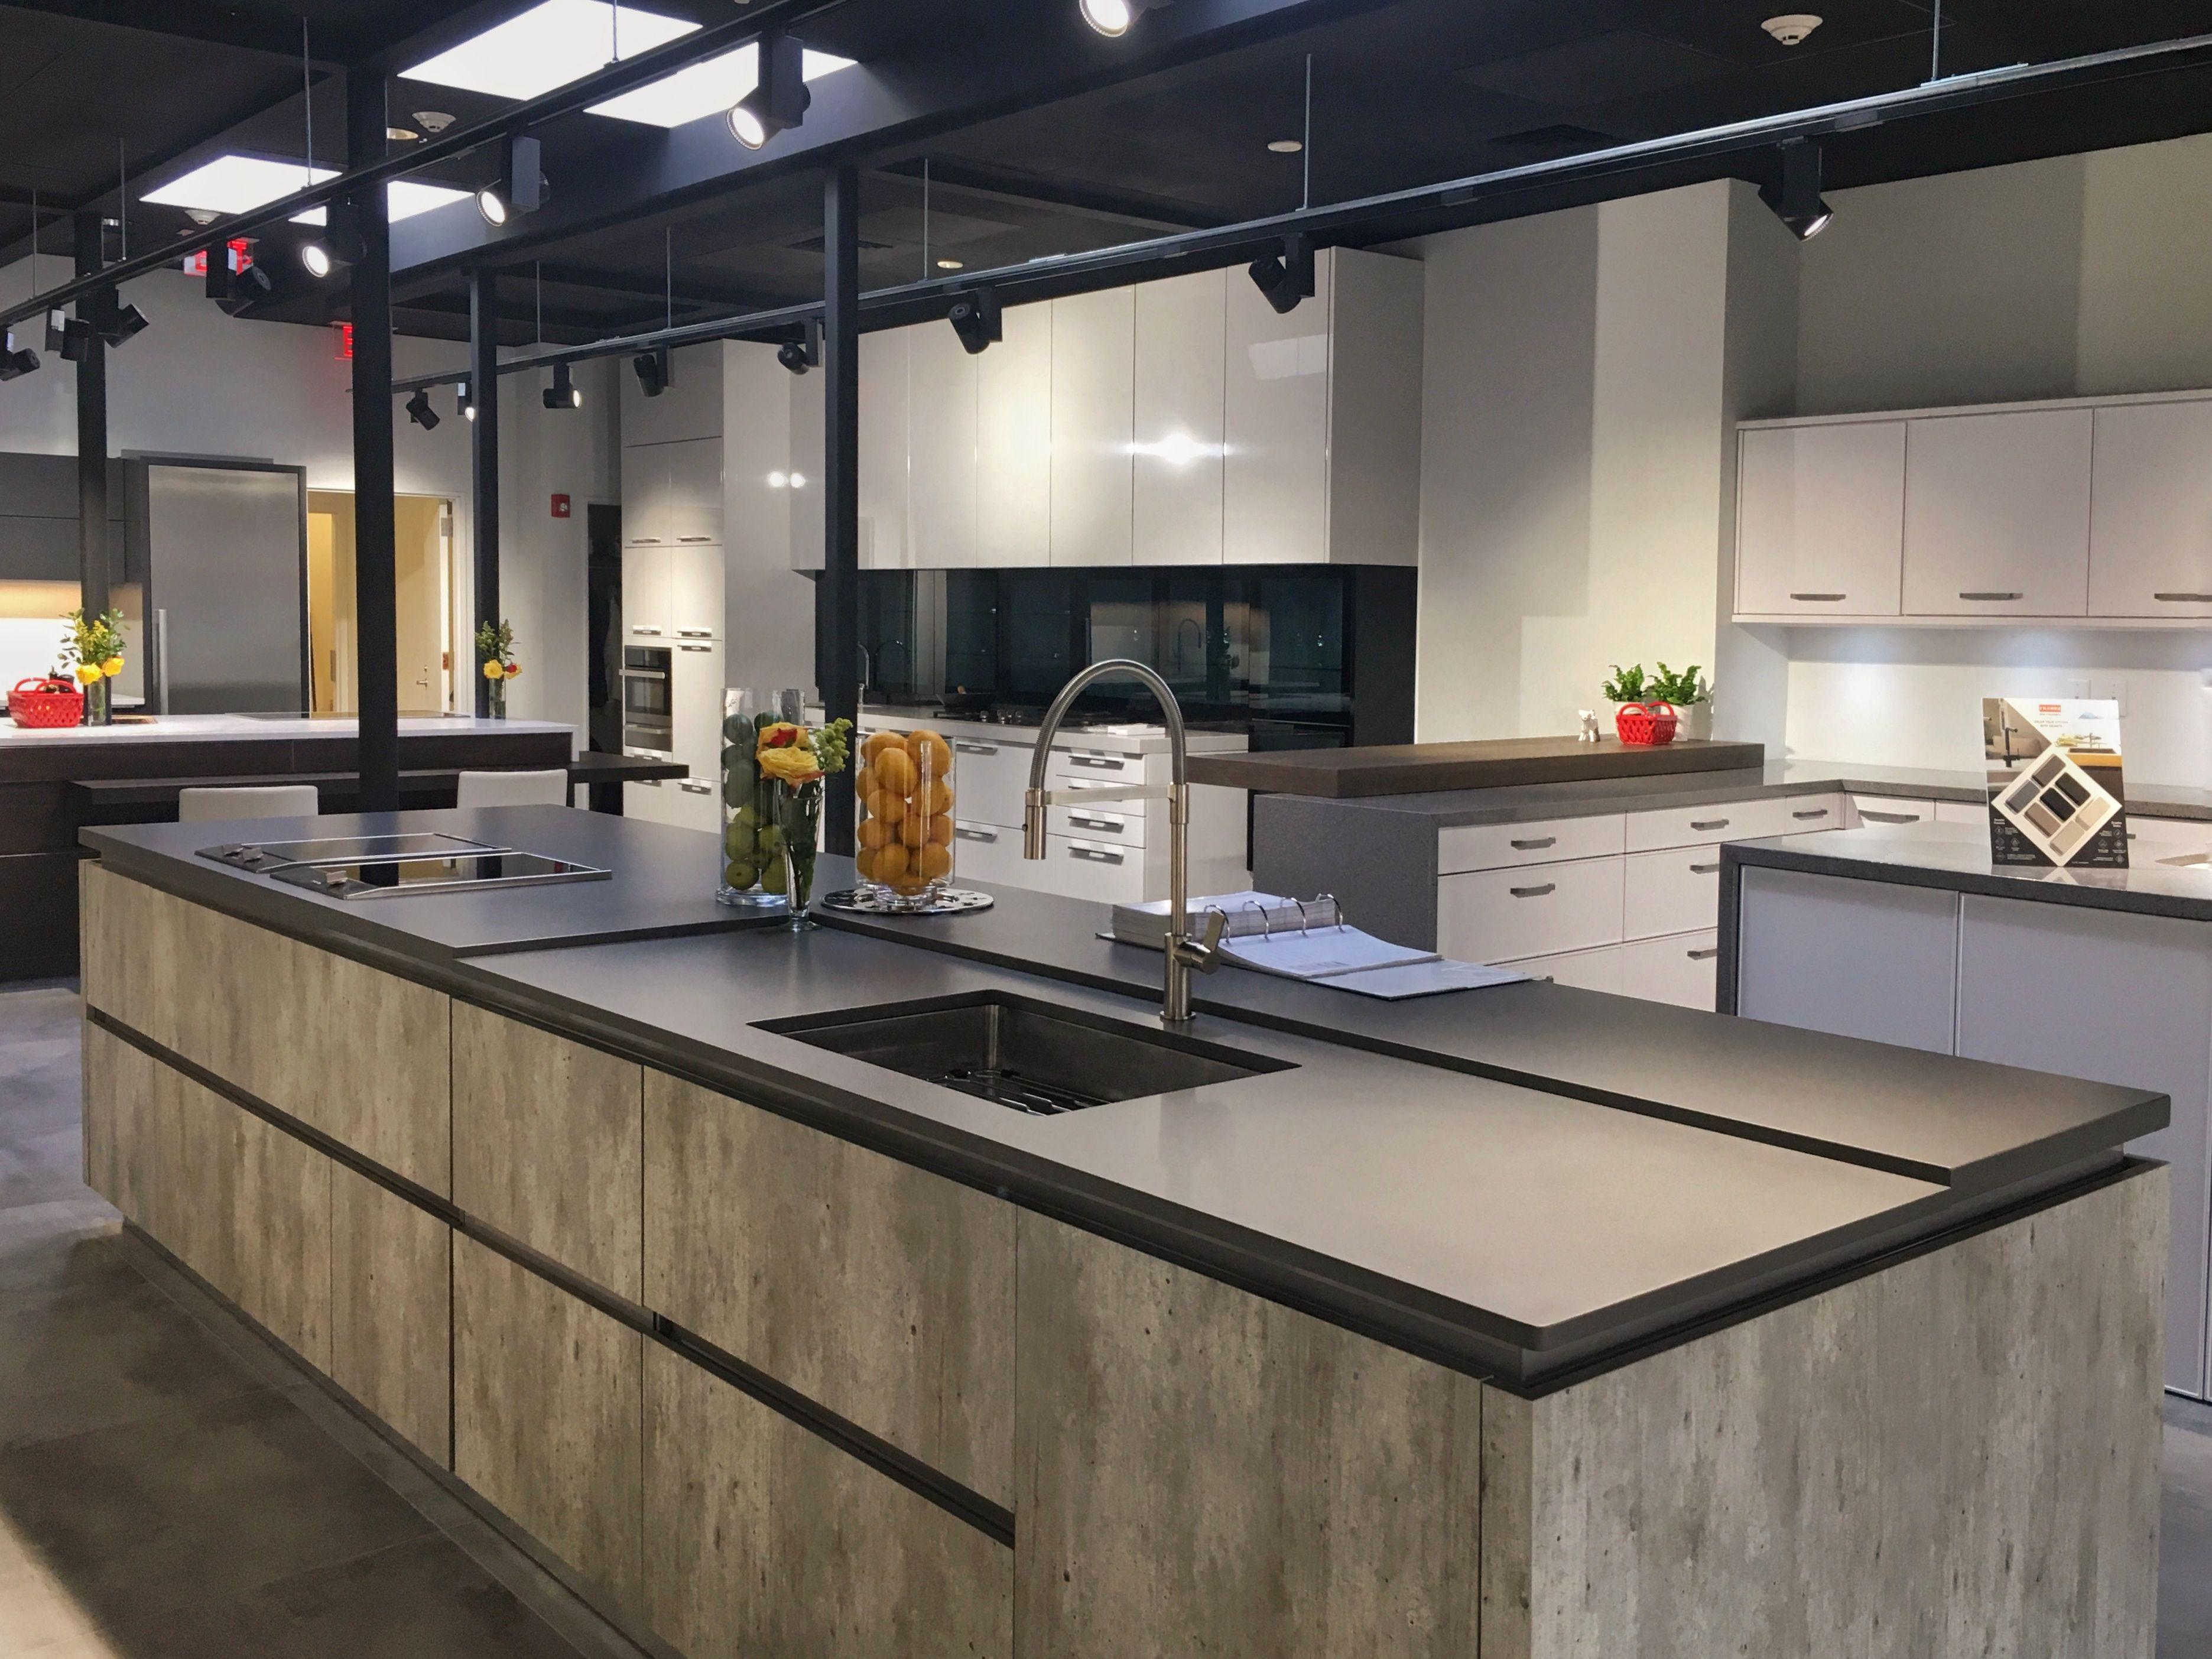 Designer Cabinetry Your German Kitchen Kitchen Design Modern Kitchen Modern Kitchen Cabinets